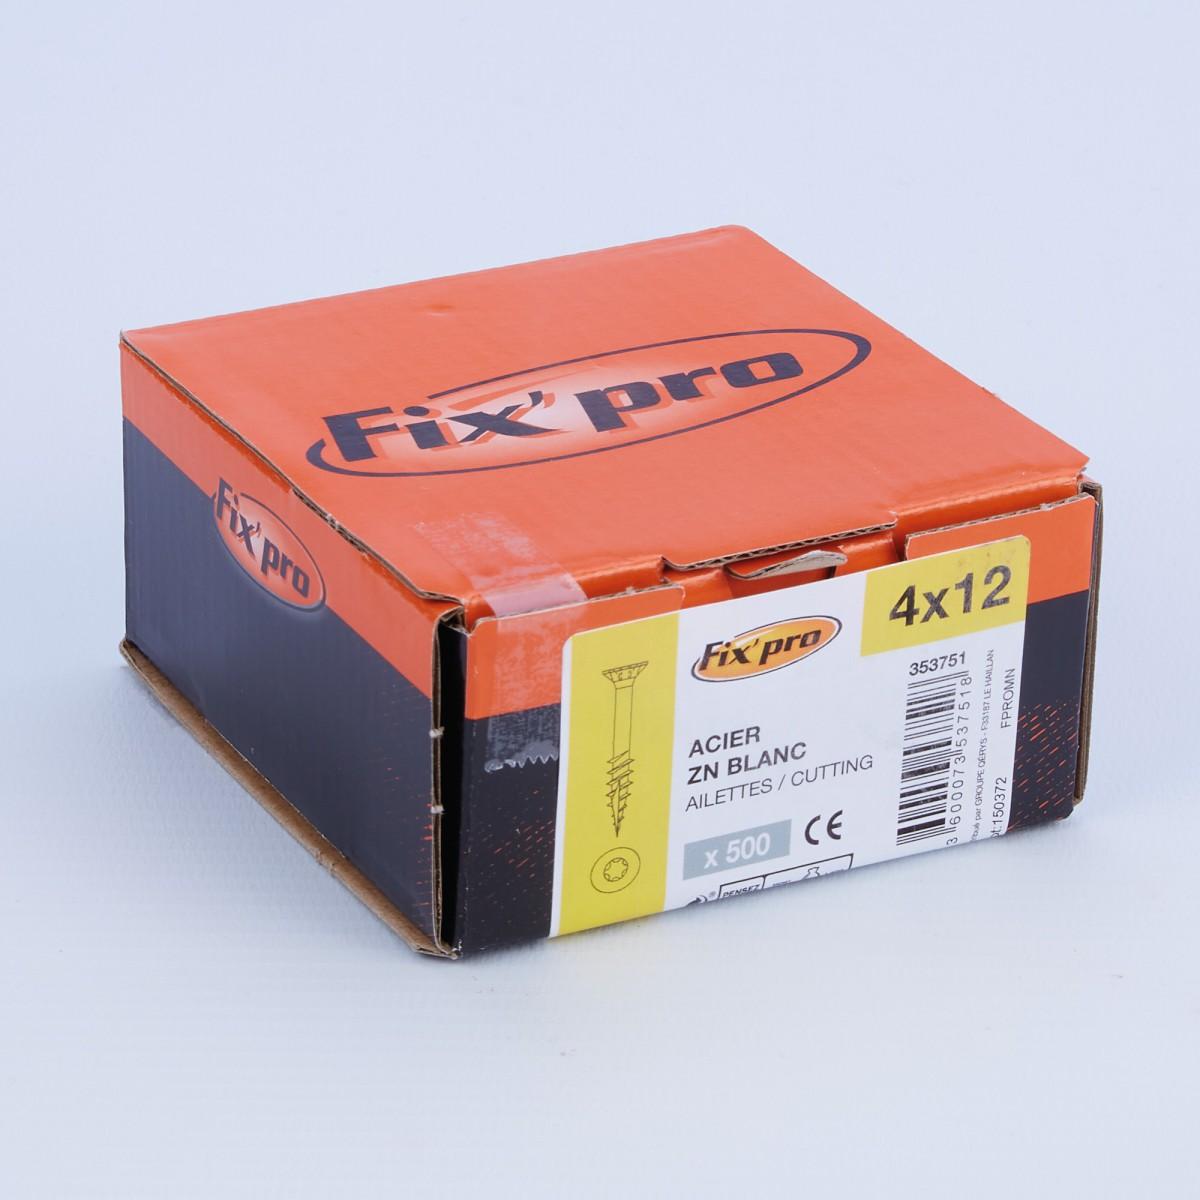 Vis à bois tête fraisée TX - 4x12 - 500pces - Fixpro